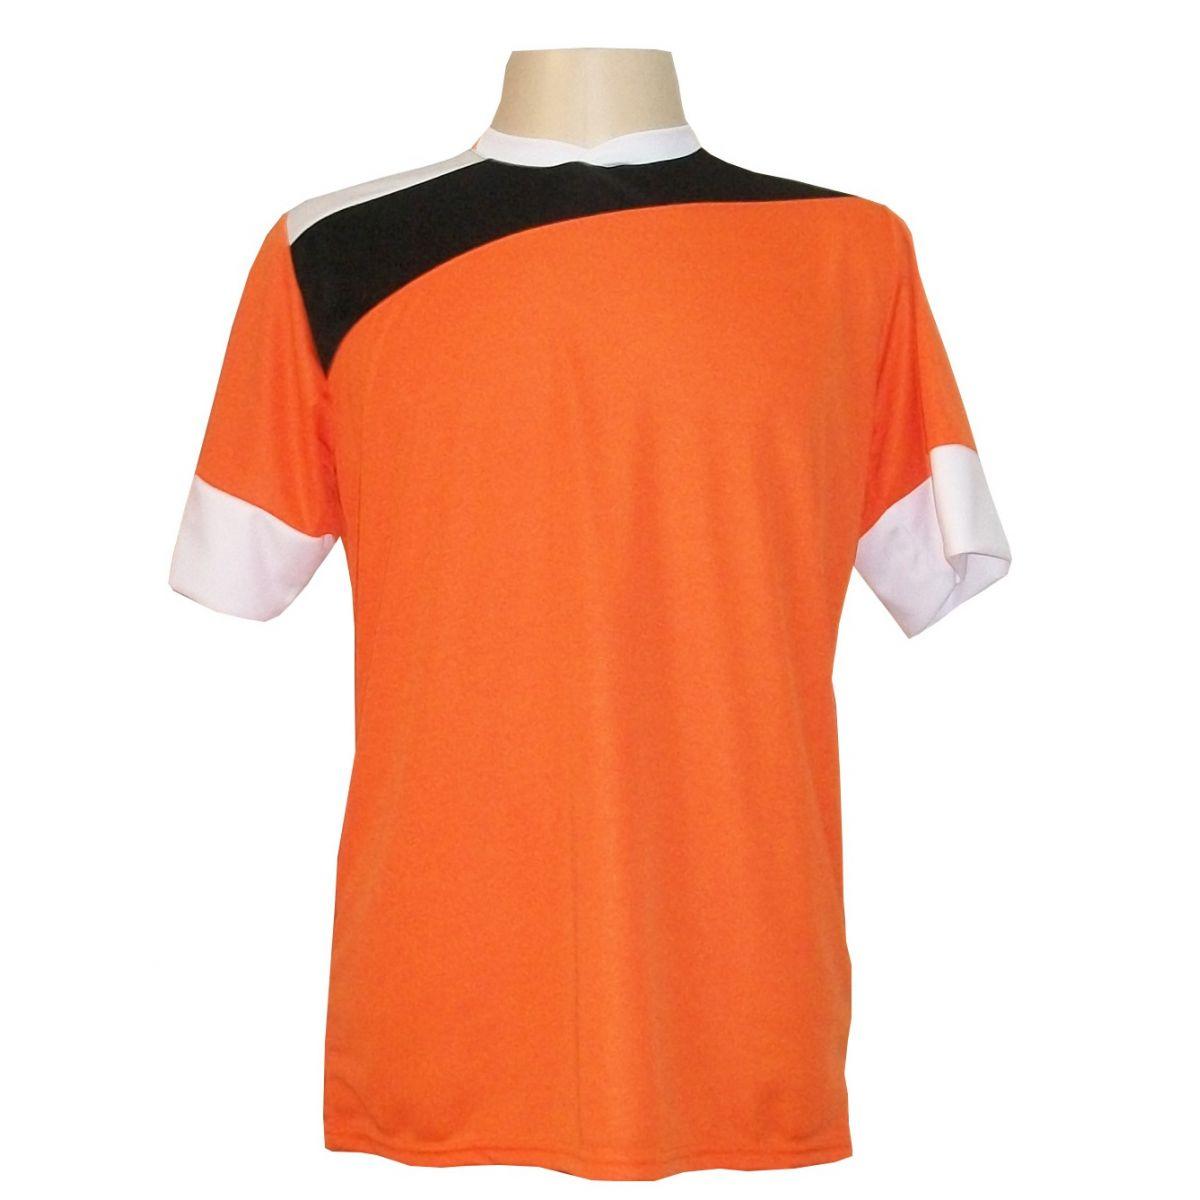 Uniforme Esportivo com 14 camisas modelo Sporting Laranja/Preto/Branco + 14 calções modelo Madrid Branco + Brindes